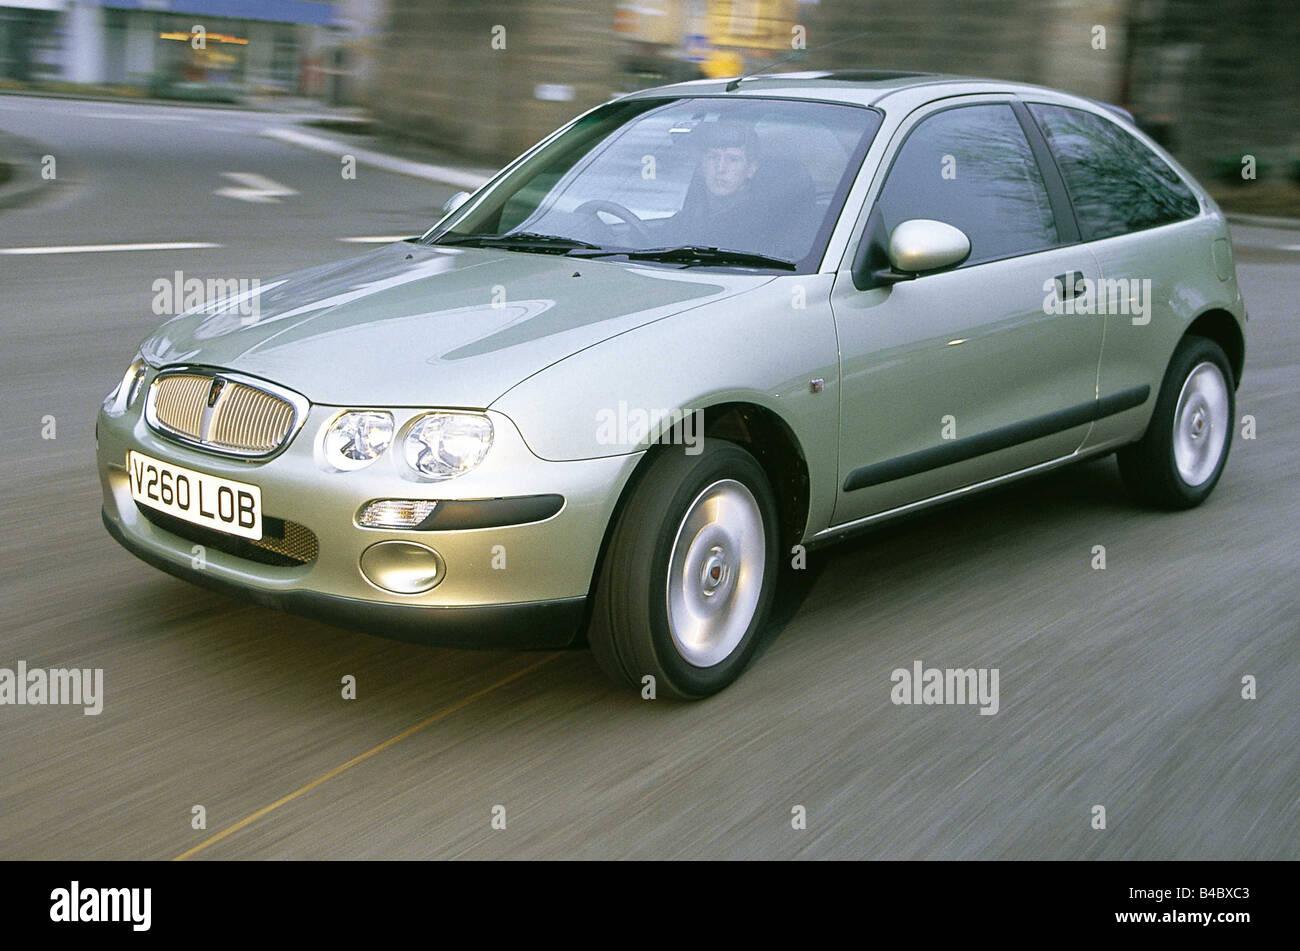 Auto, Rover 25, anno modello 2000-, piccolo circa, Limousine, diagonale dalla parte anteriore, verde metallico e Immagini Stock